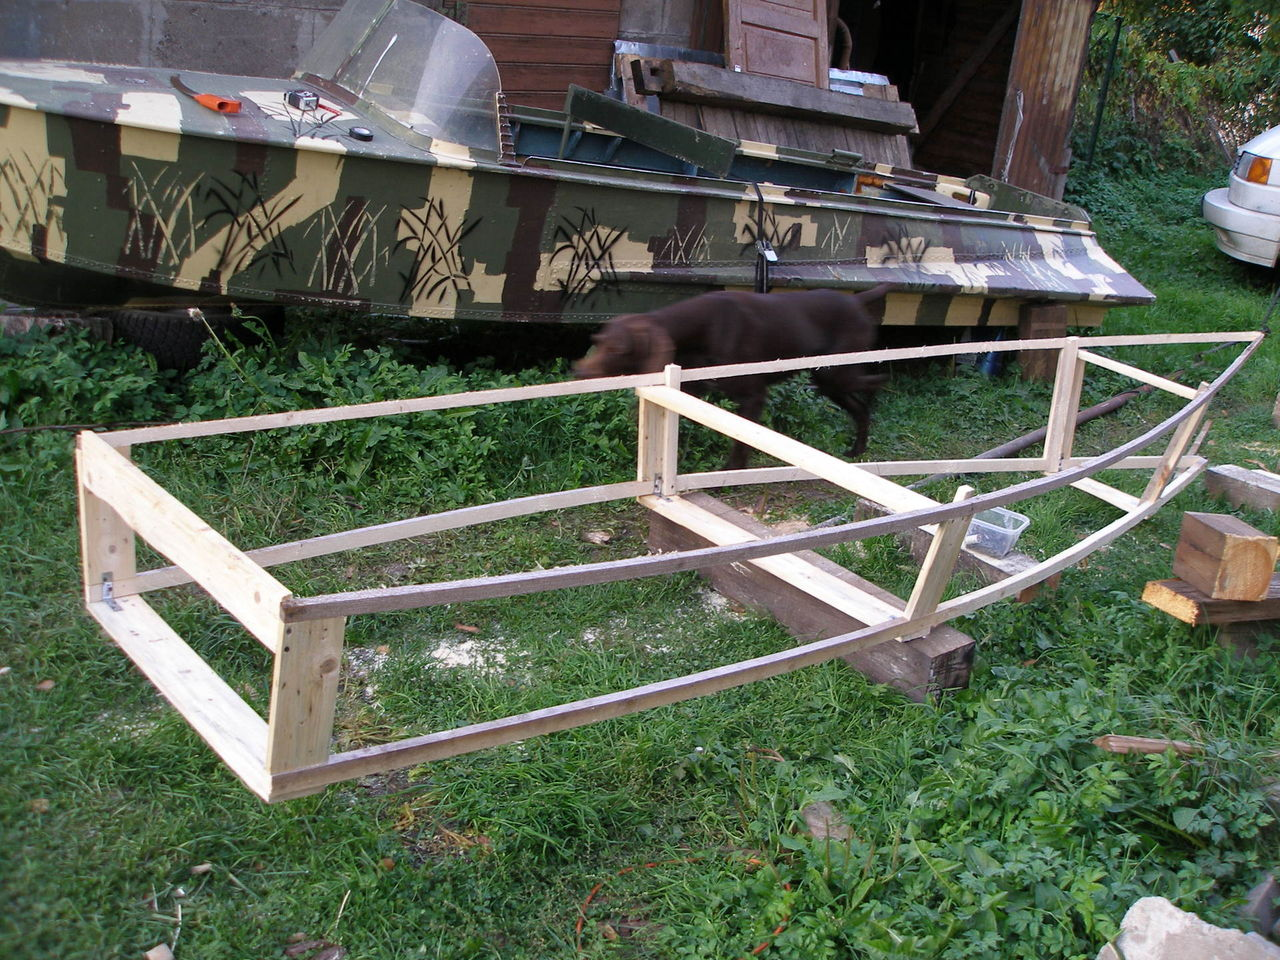 Изготовление деревянных лодок плоскодонок - как построить плоскодонку. лодка своими руками